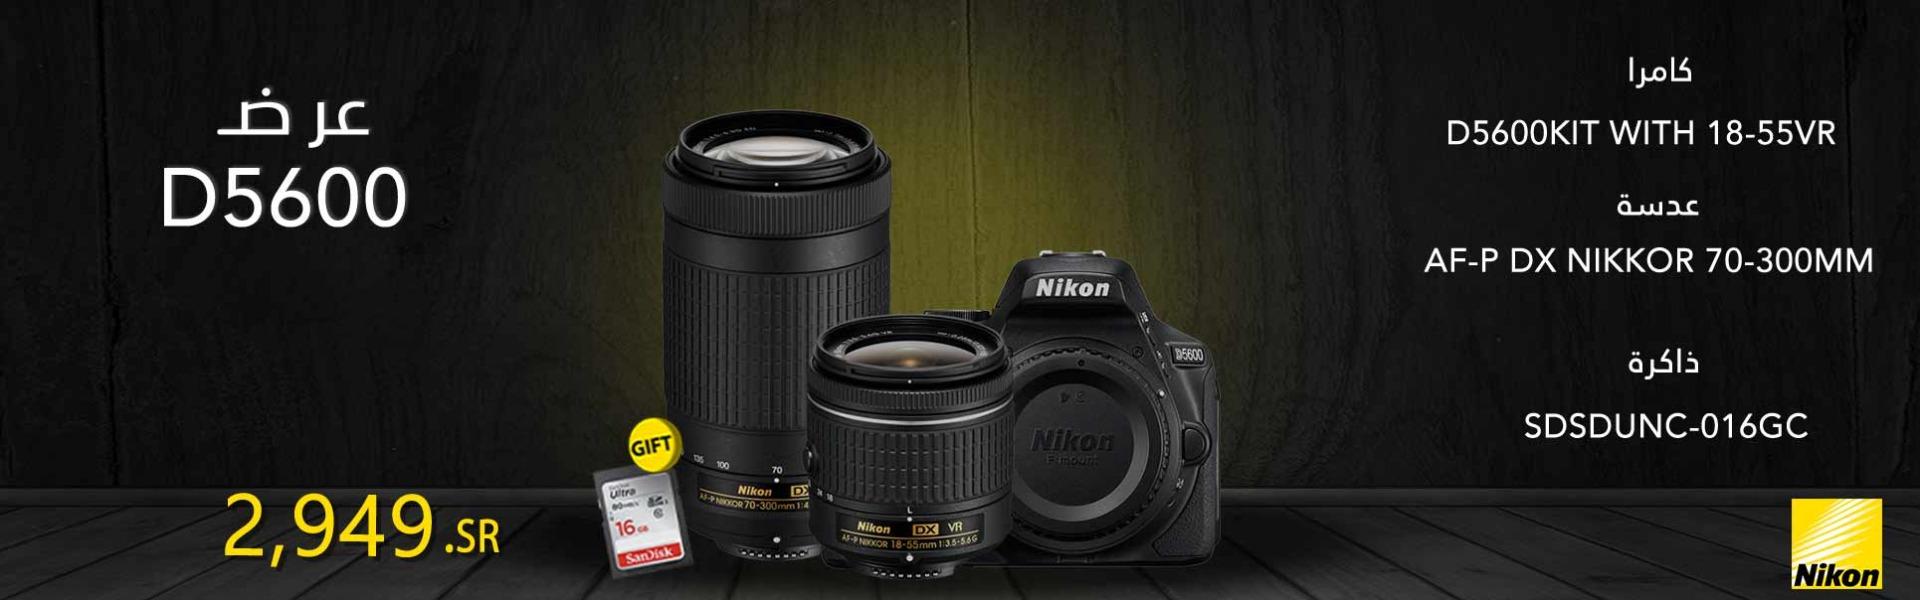 Nikon D5600 Offer